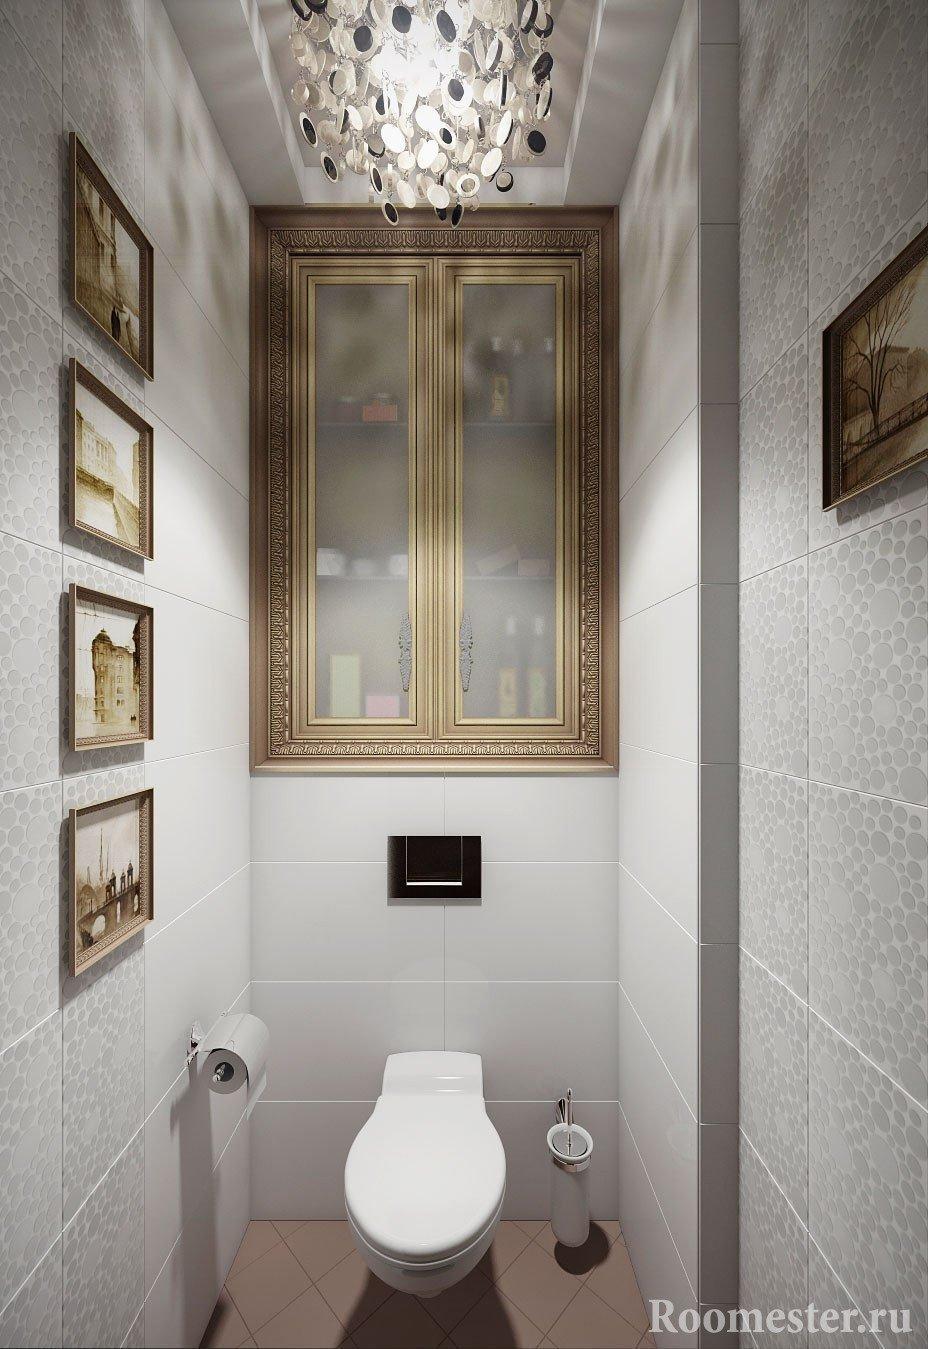 Варианты дизайна маленького туалета